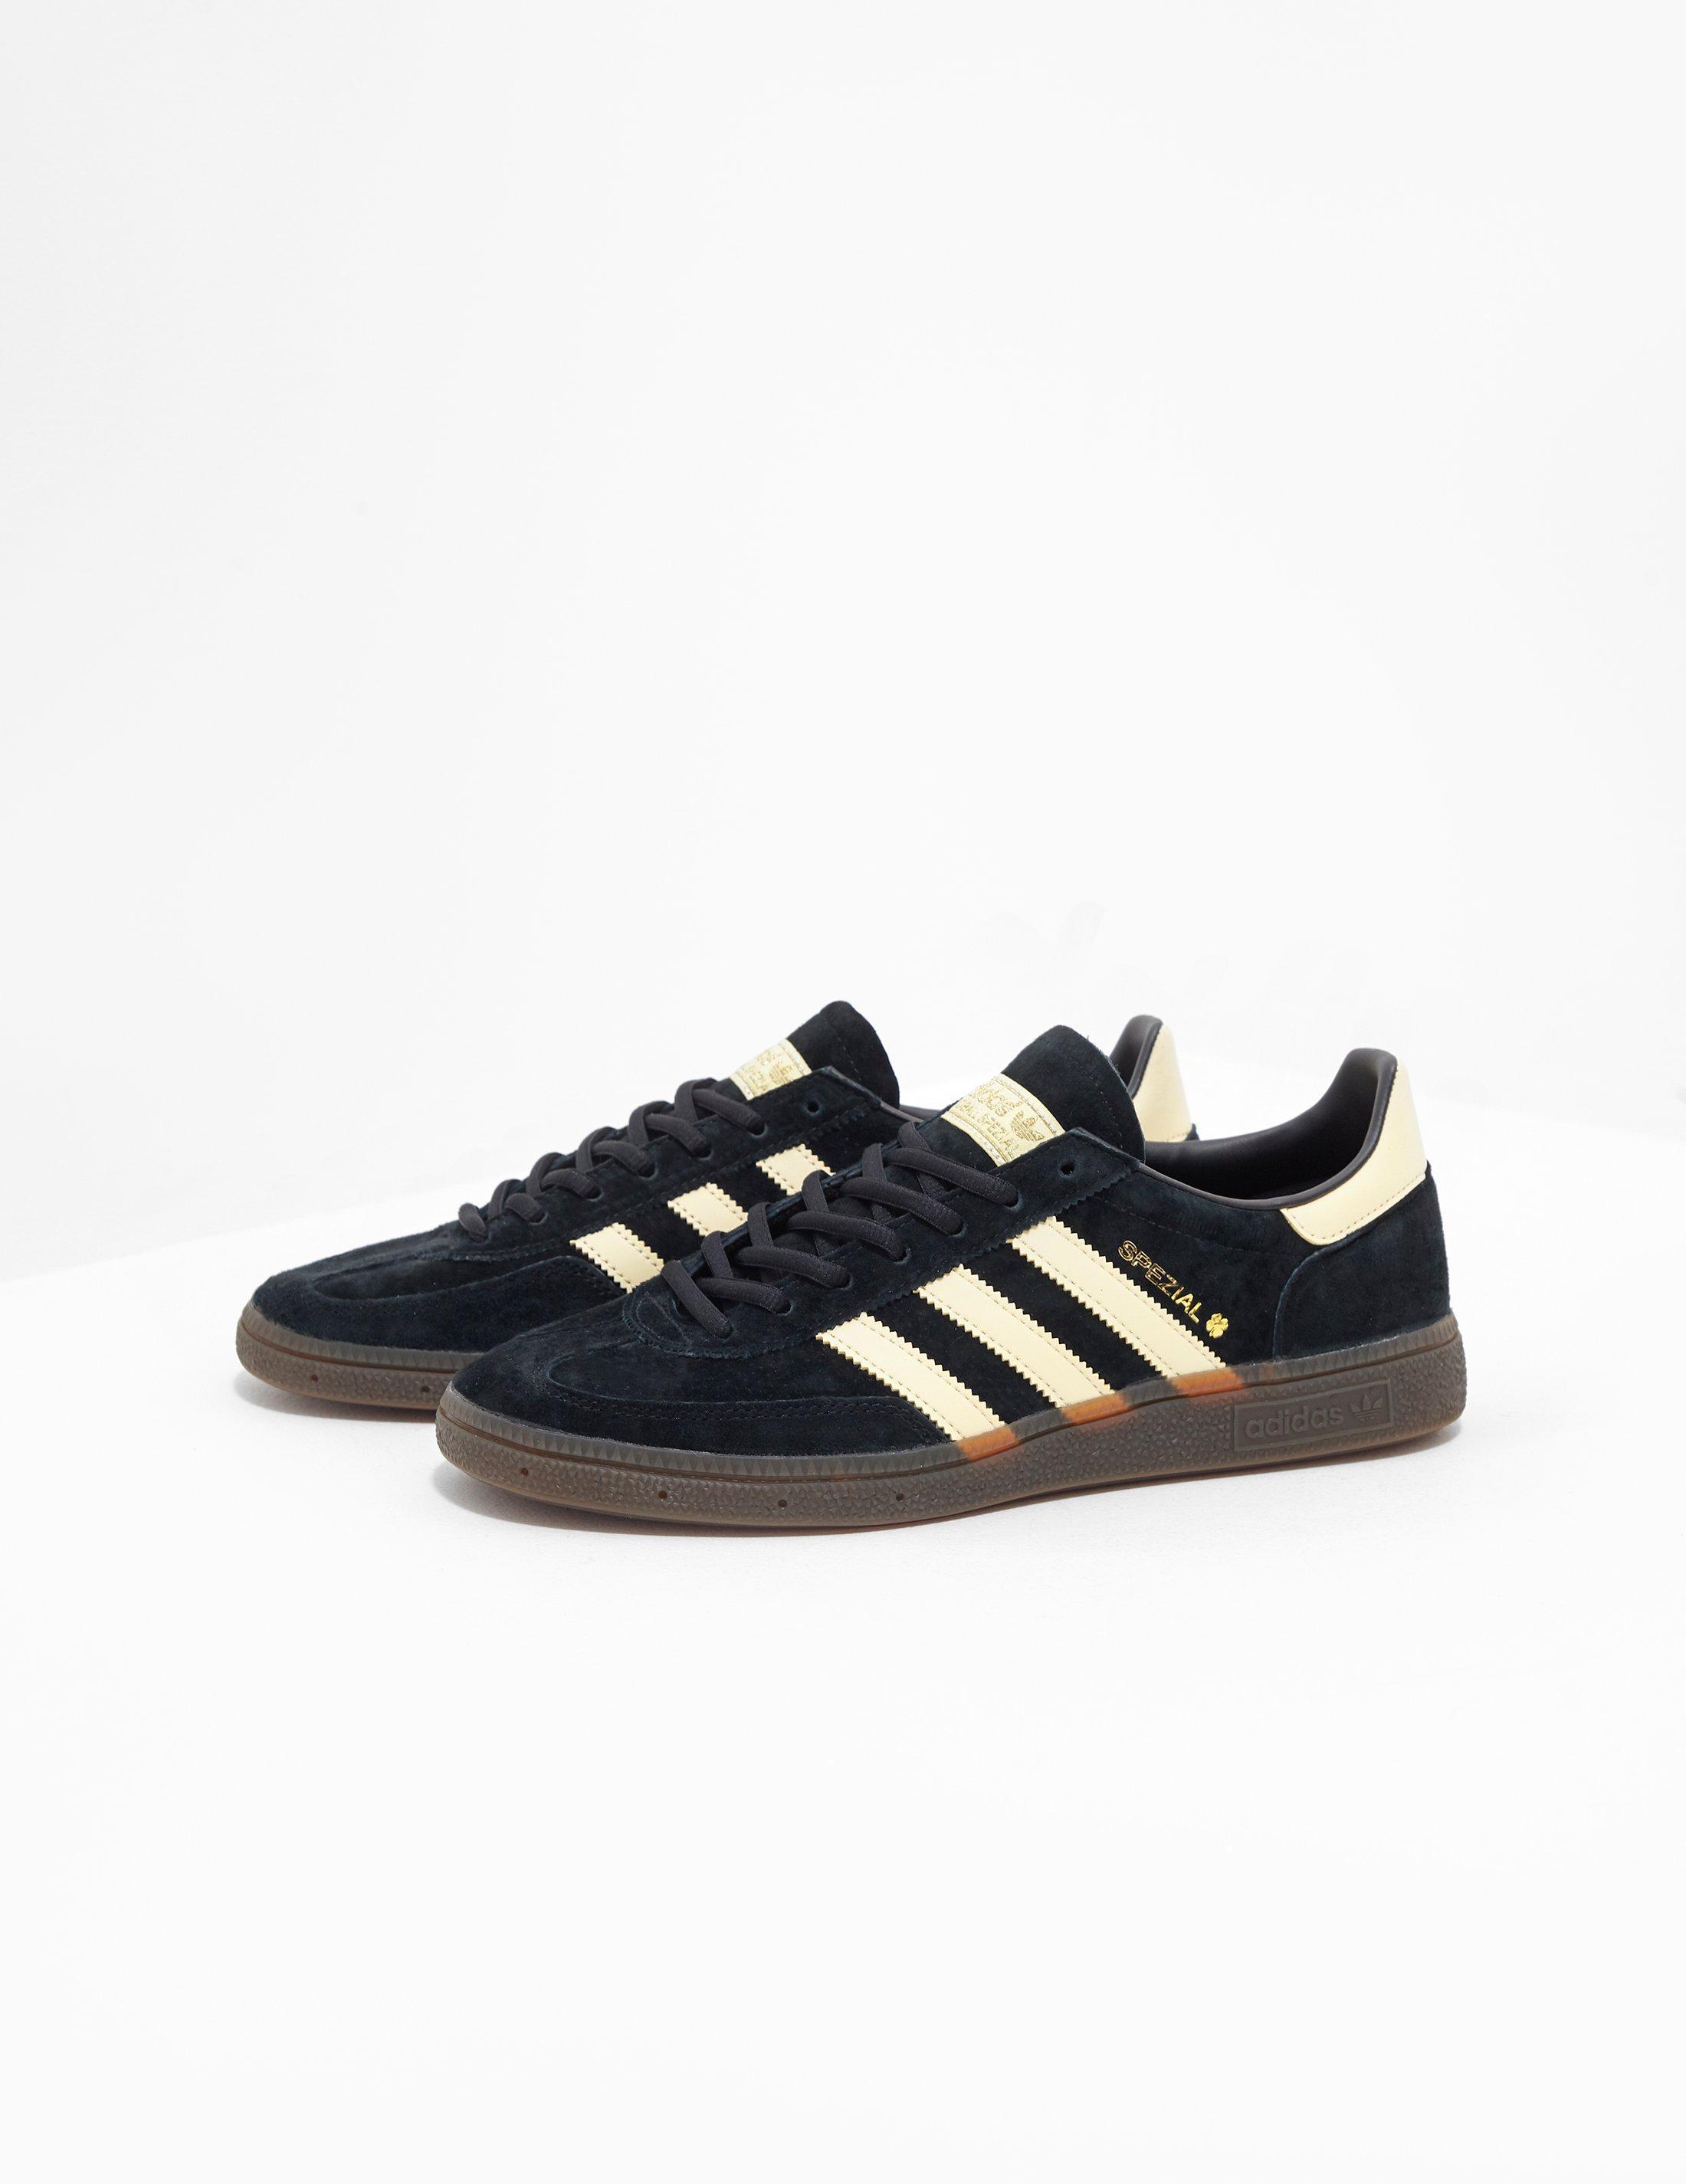 reputable site 8c2cc 5c6be adidas Originals Handball Spezial Black in Black for Men - Lyst